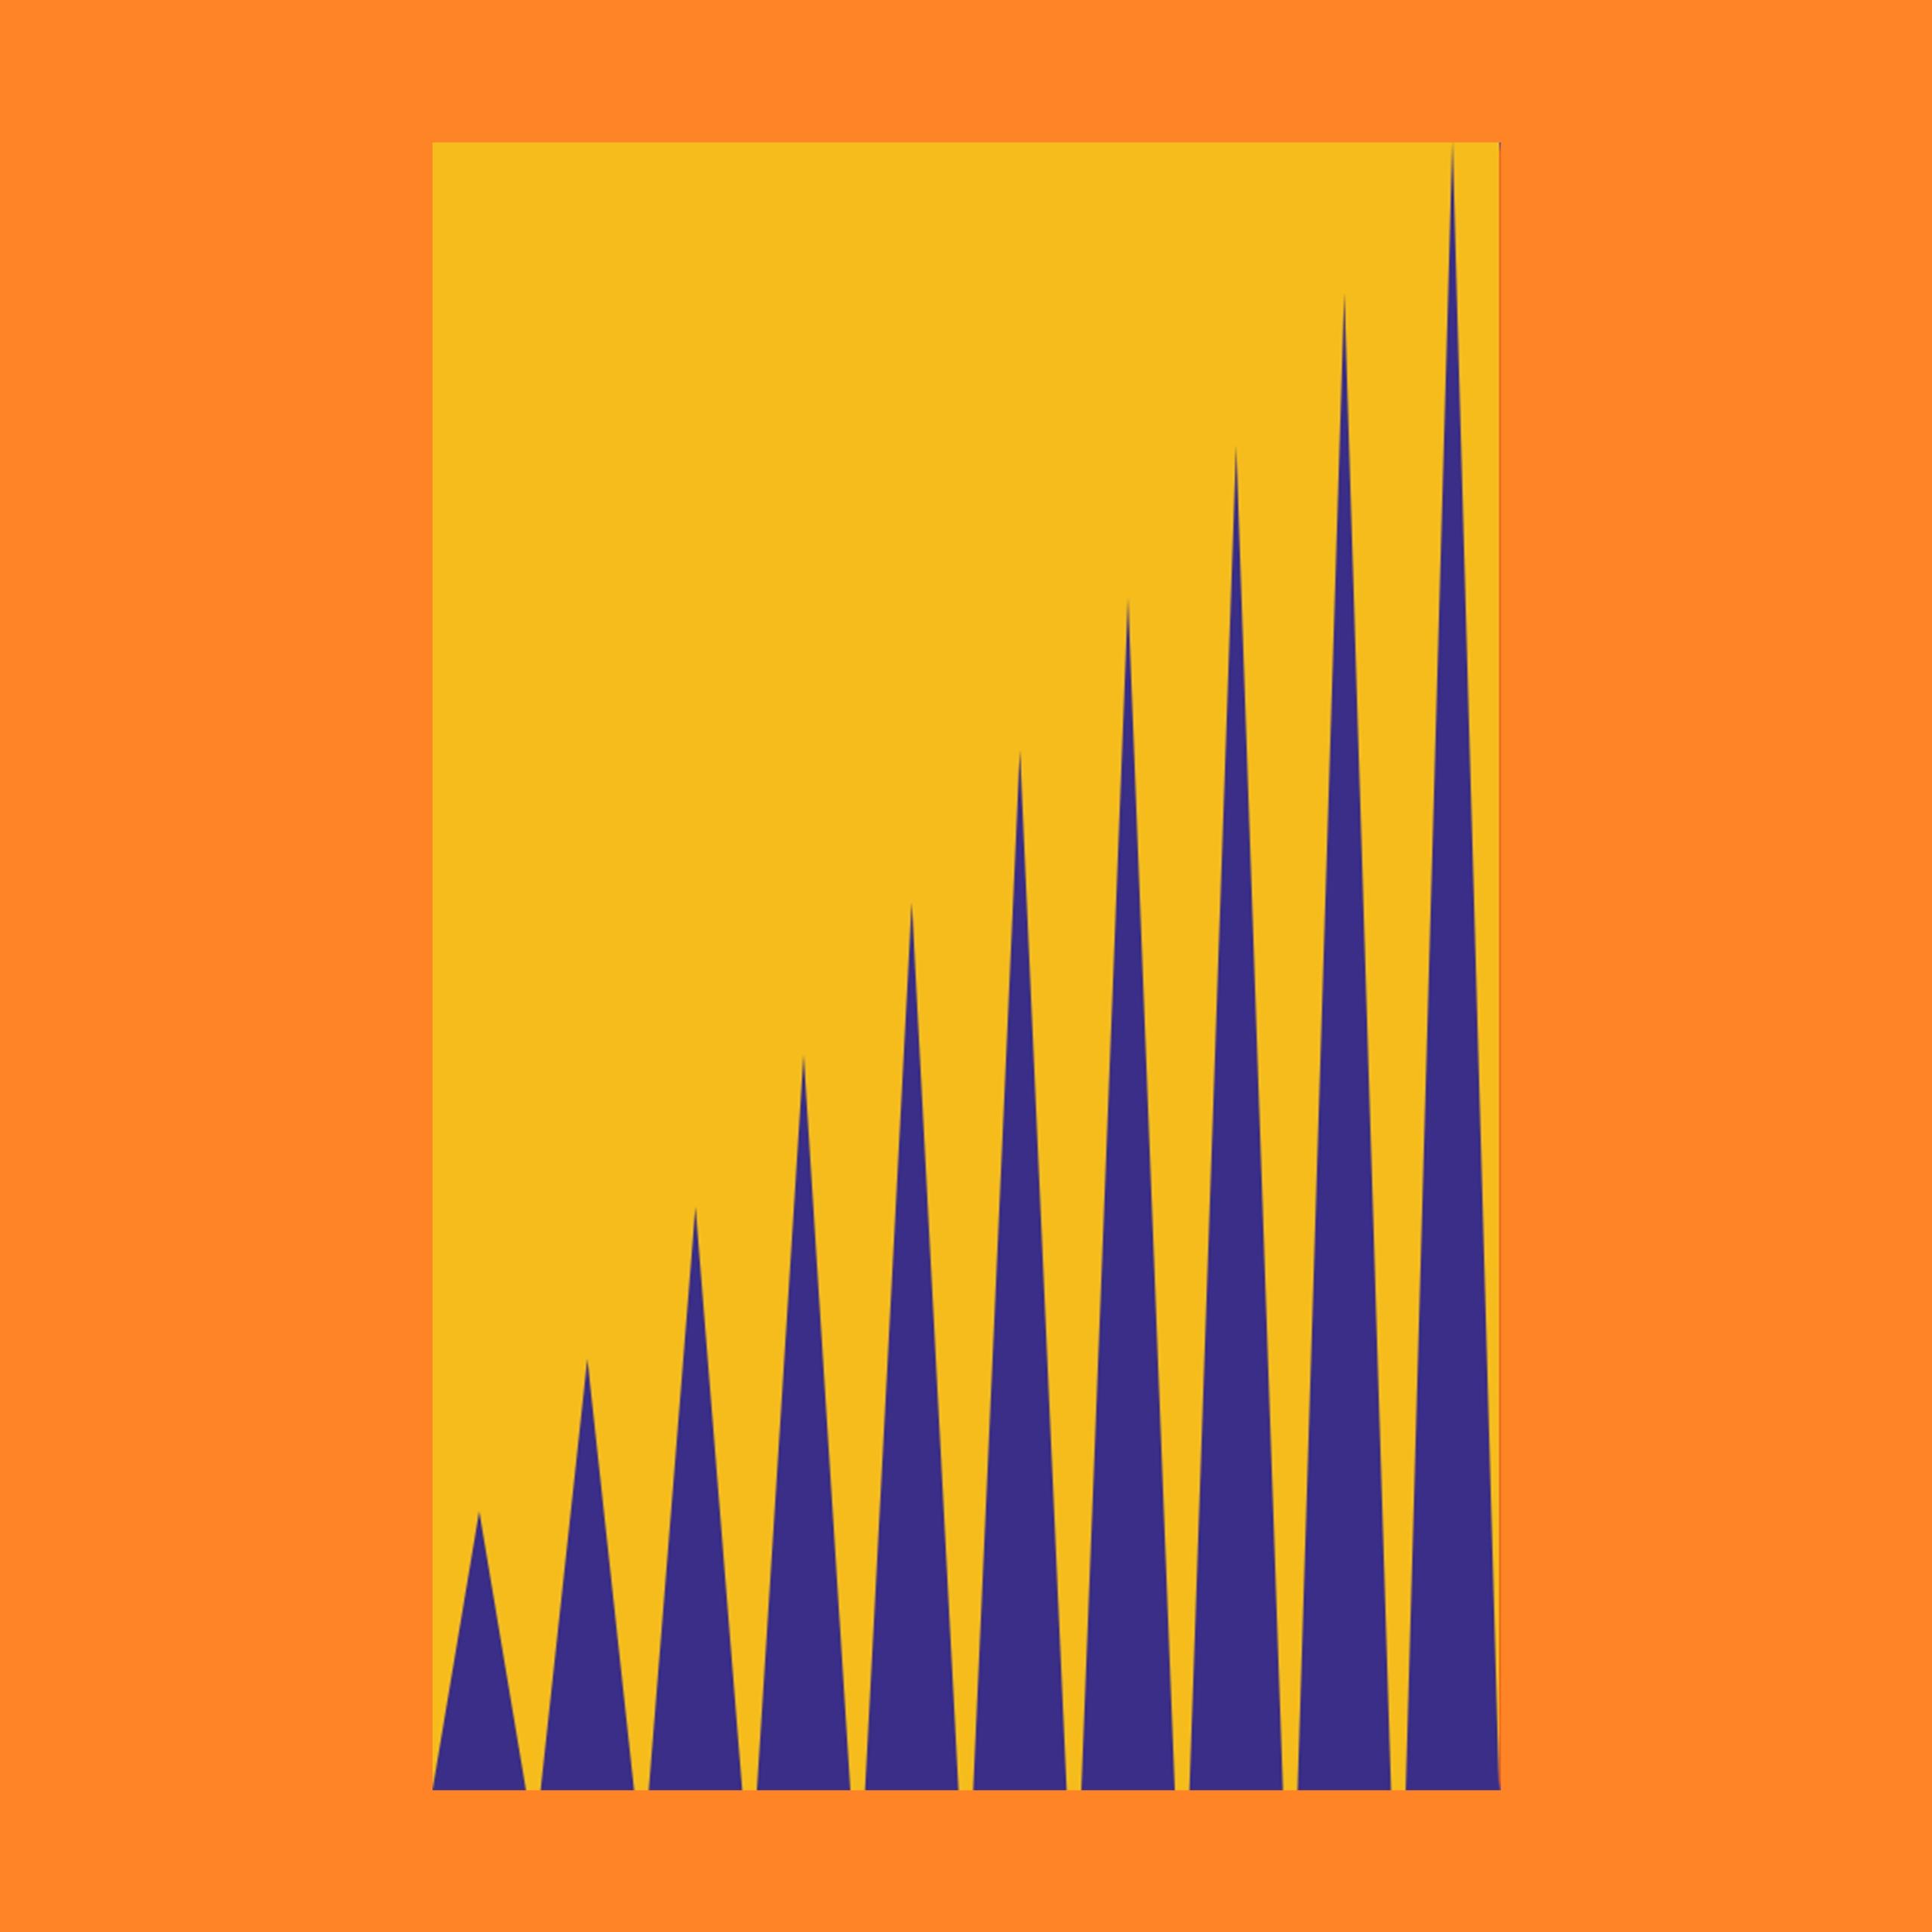 Revisiting shapes work — series - brunocafe | ello